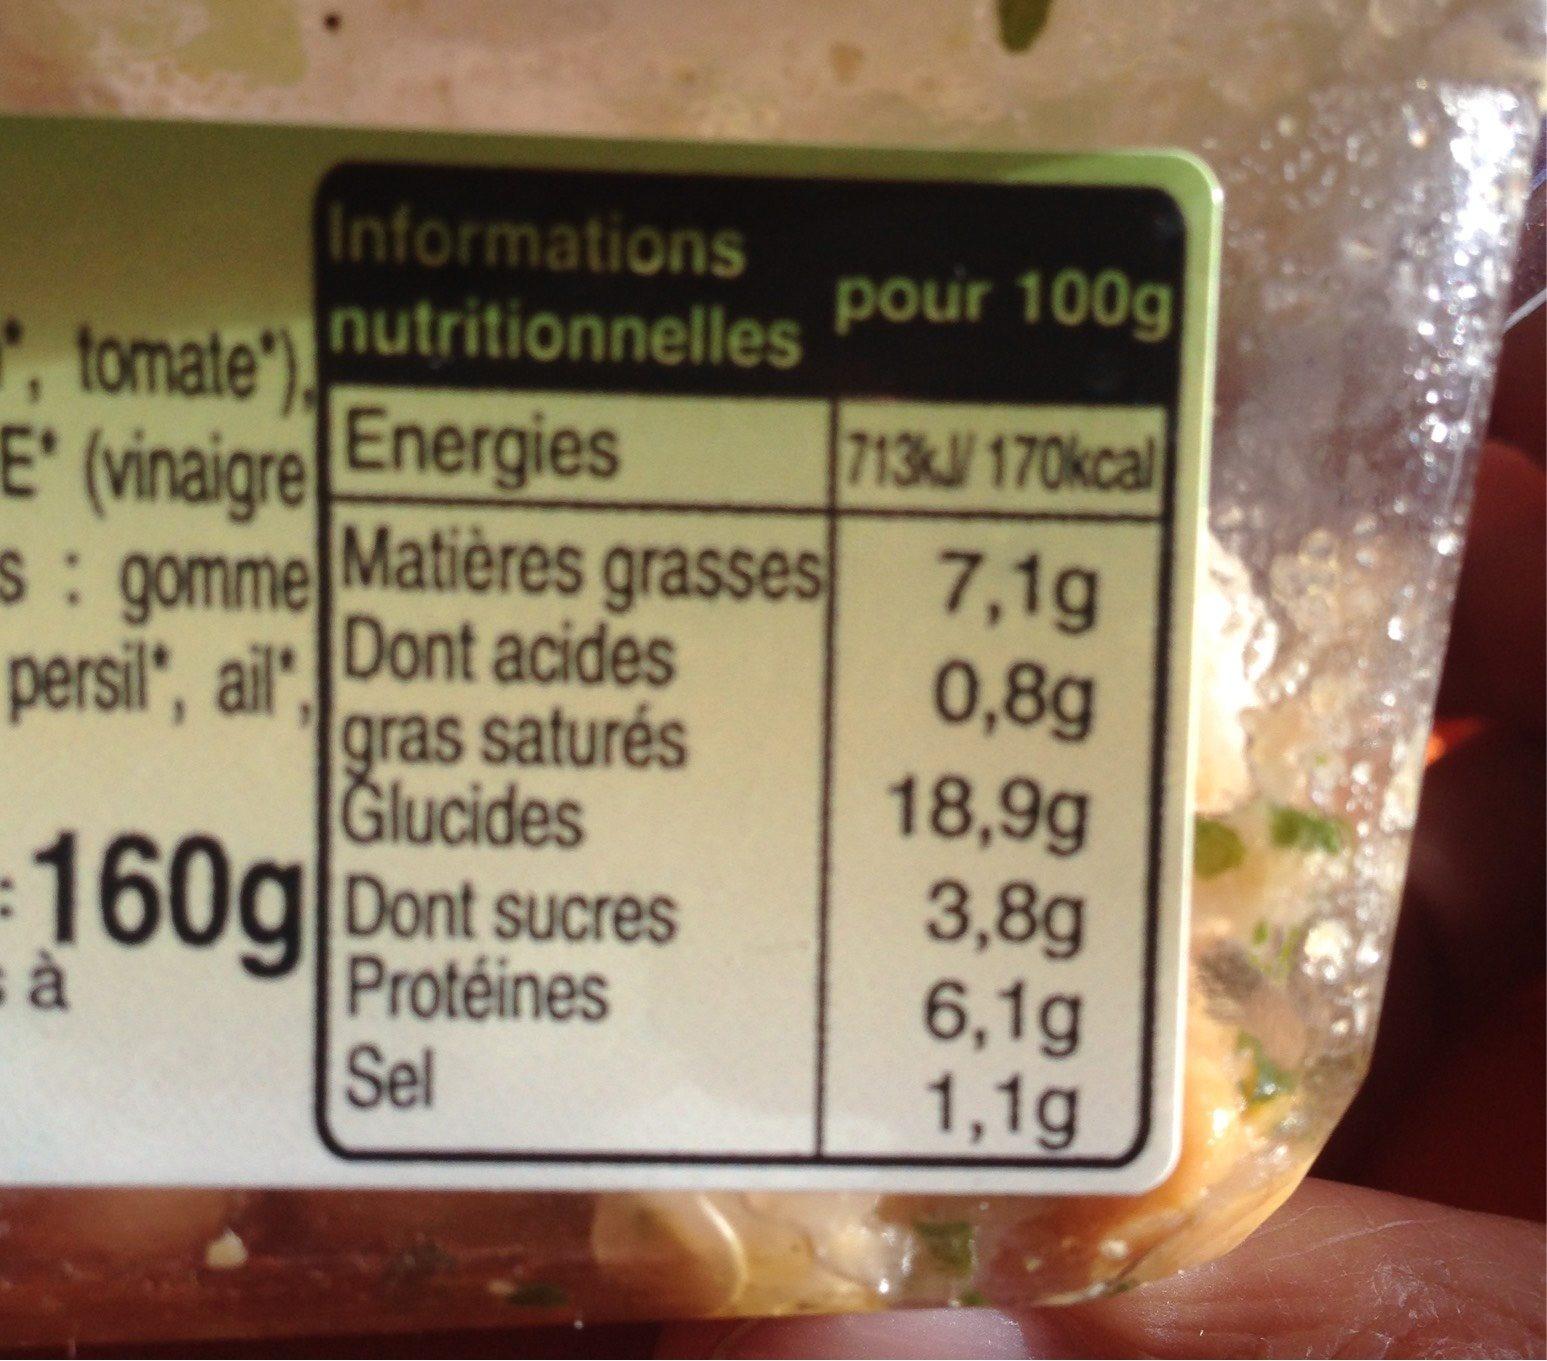 Salade De Pois Chiches a L'orientale - Nutrition facts